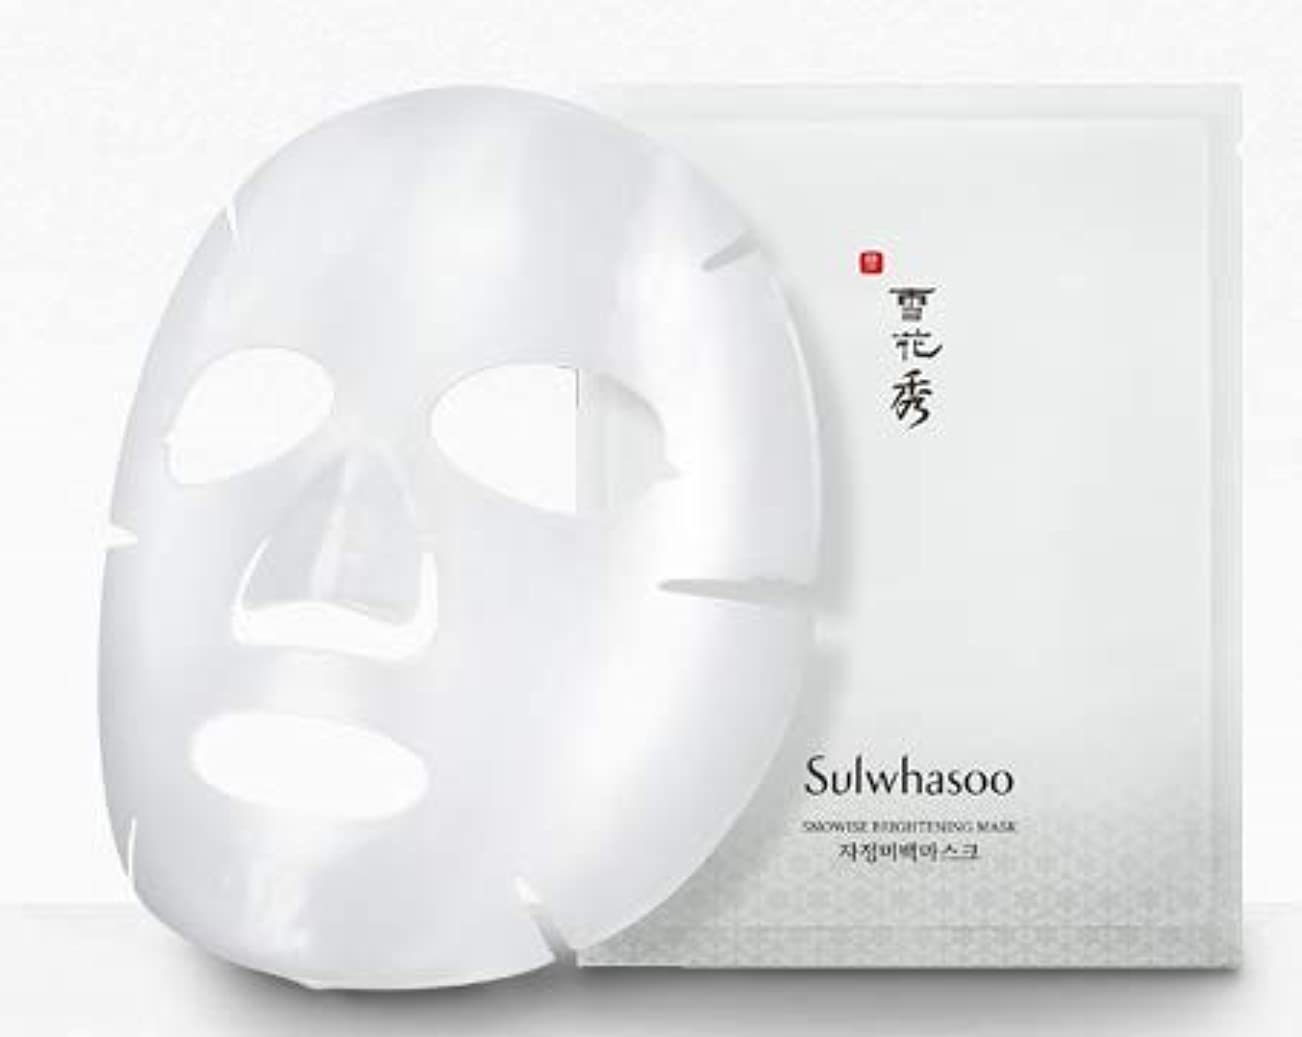 みぞれ純度指定[(雪花秀) Sulwhasoo] [Snowise Brightening Mask 20g*5ea] [並行輸入品]